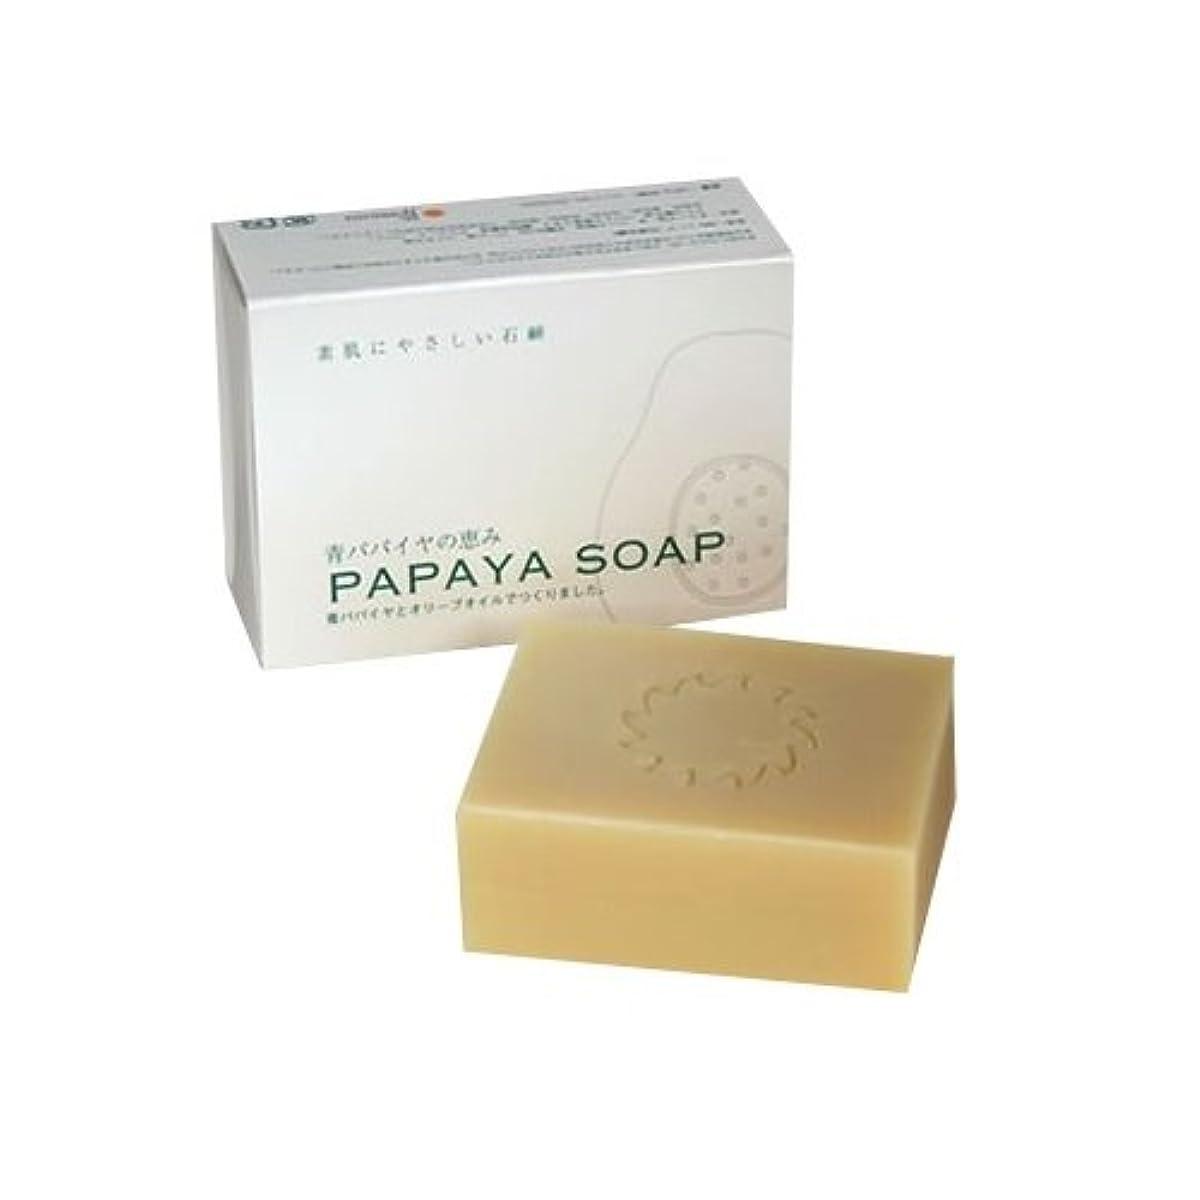 消毒する行く基本的な青パパイヤの恵み PAPAYA SOAP(パパイヤソープ) 100g